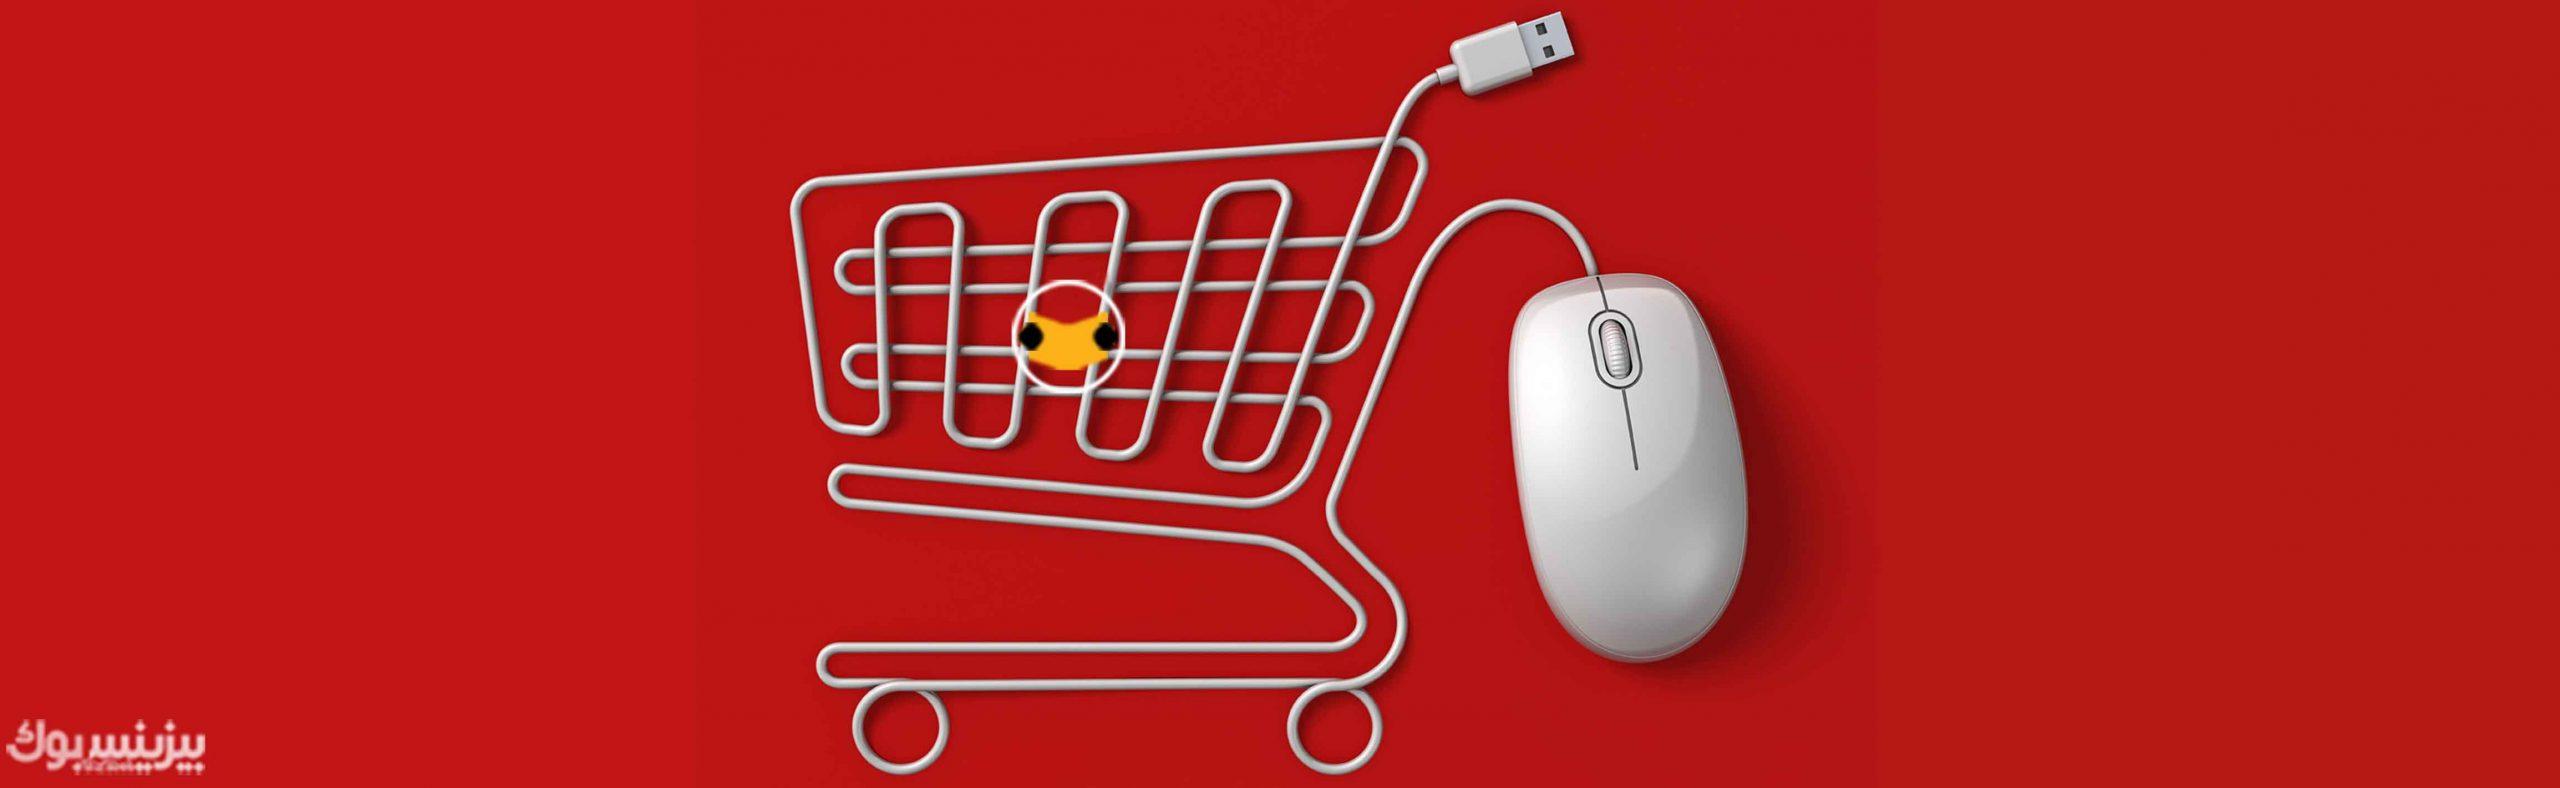 فروش آنلاین تنها با یک کلیک